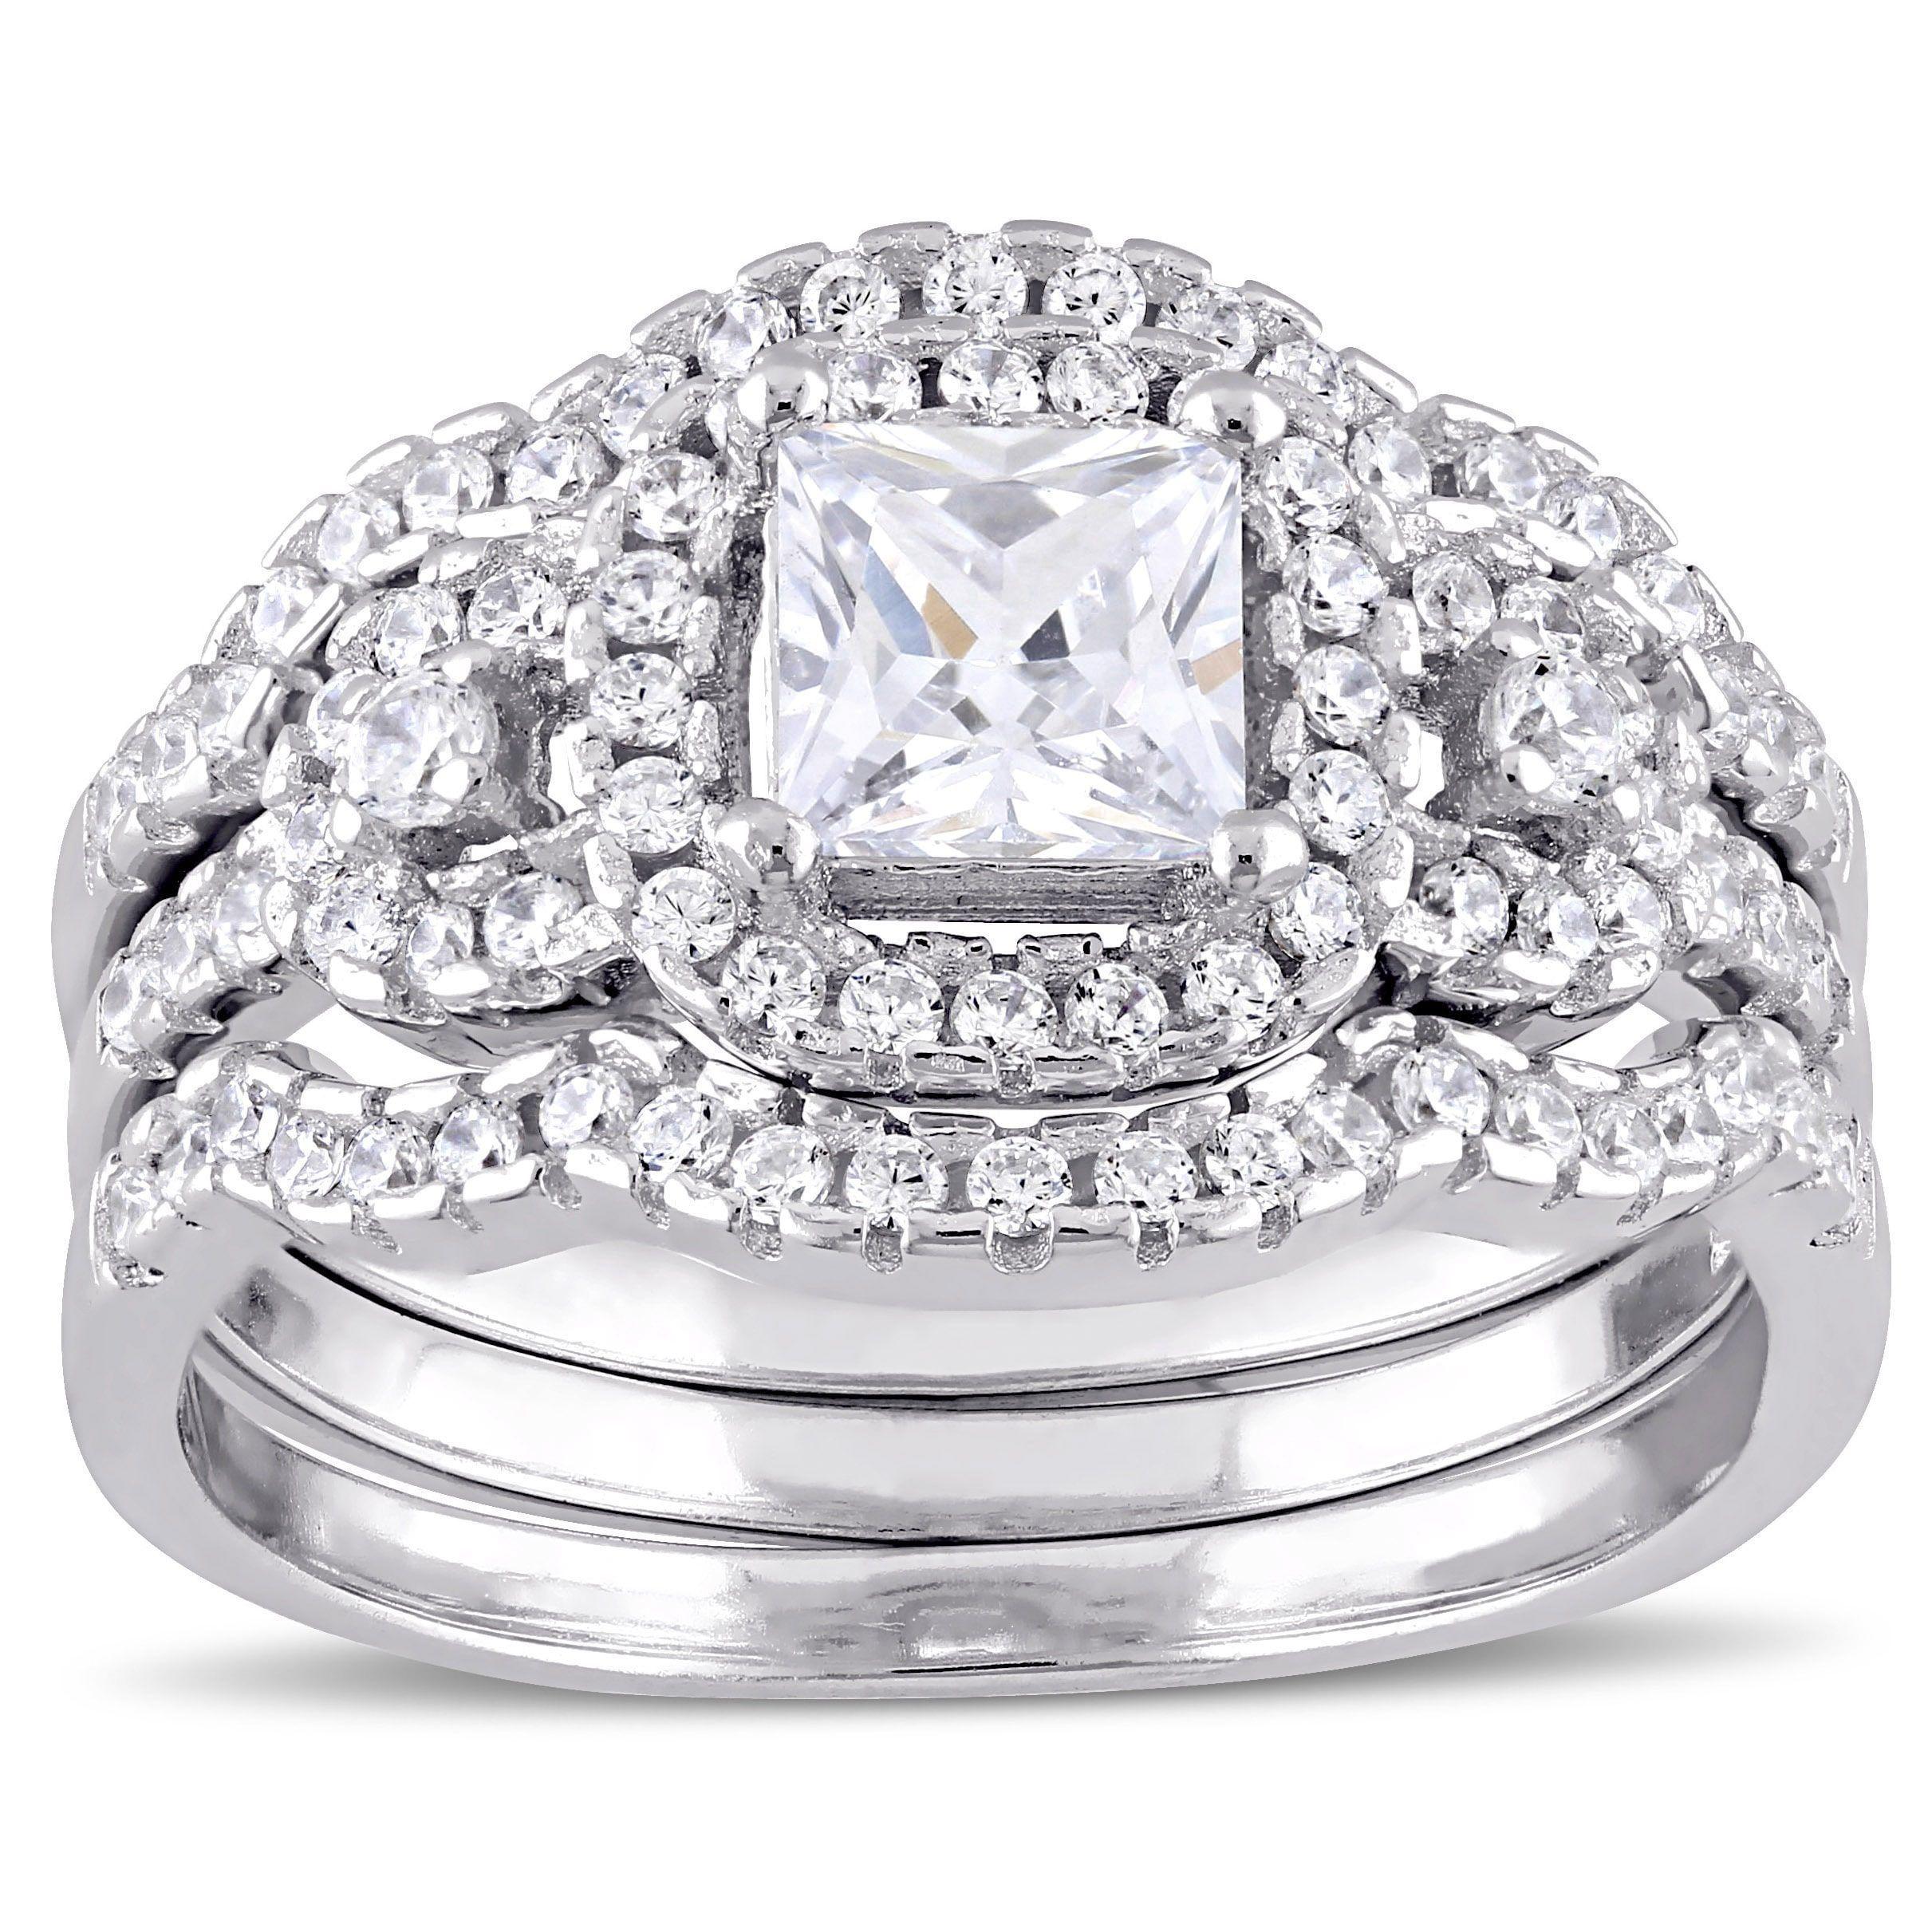 Miadora Sterling Silver Cubic Zirconia 3stone Halo Bridal